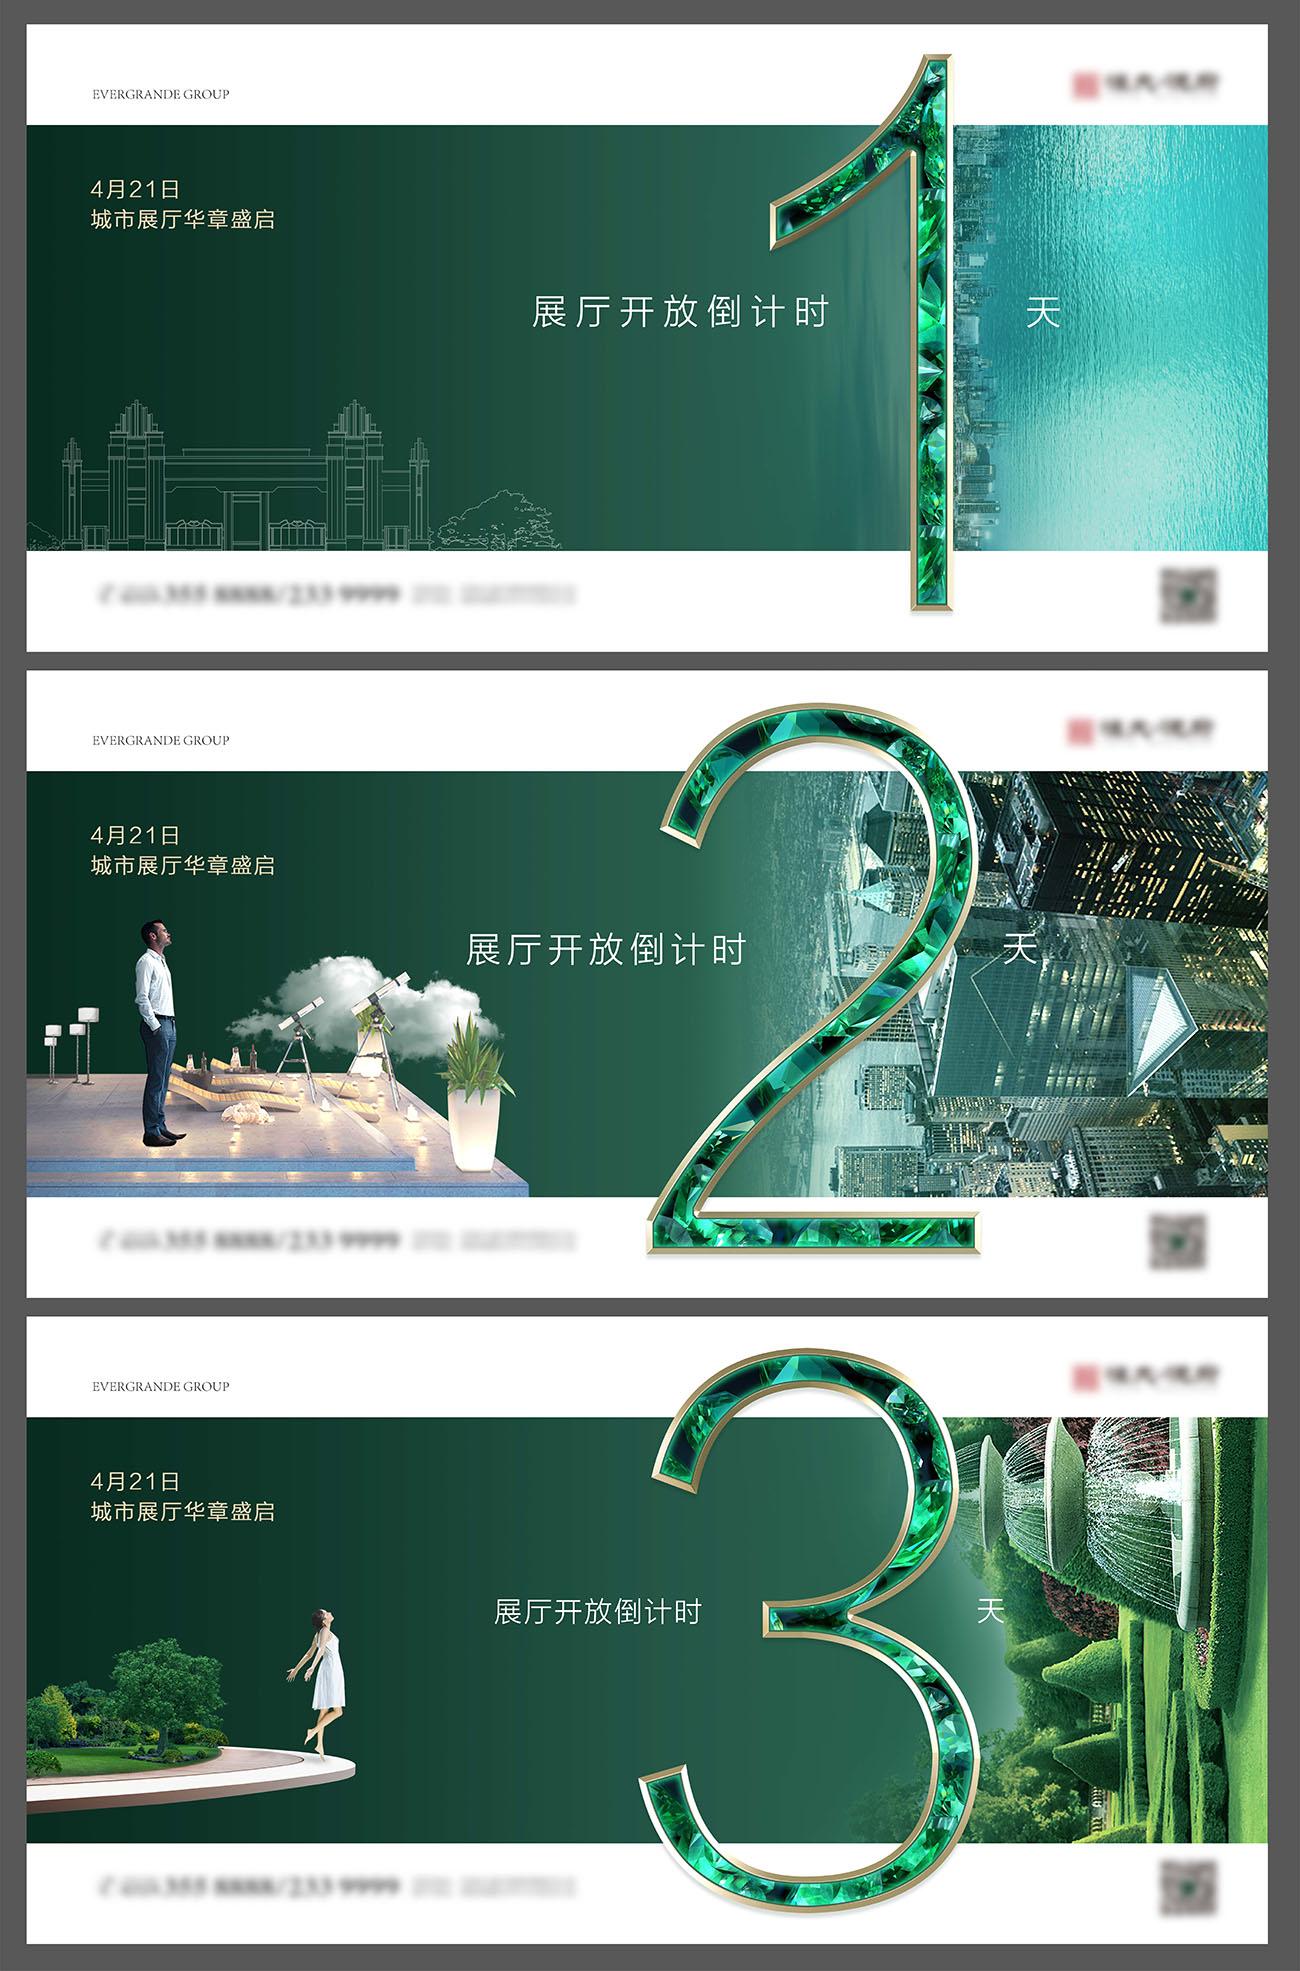 地产绿色市展厅华章盛启倒计时画面PSD源文件插图